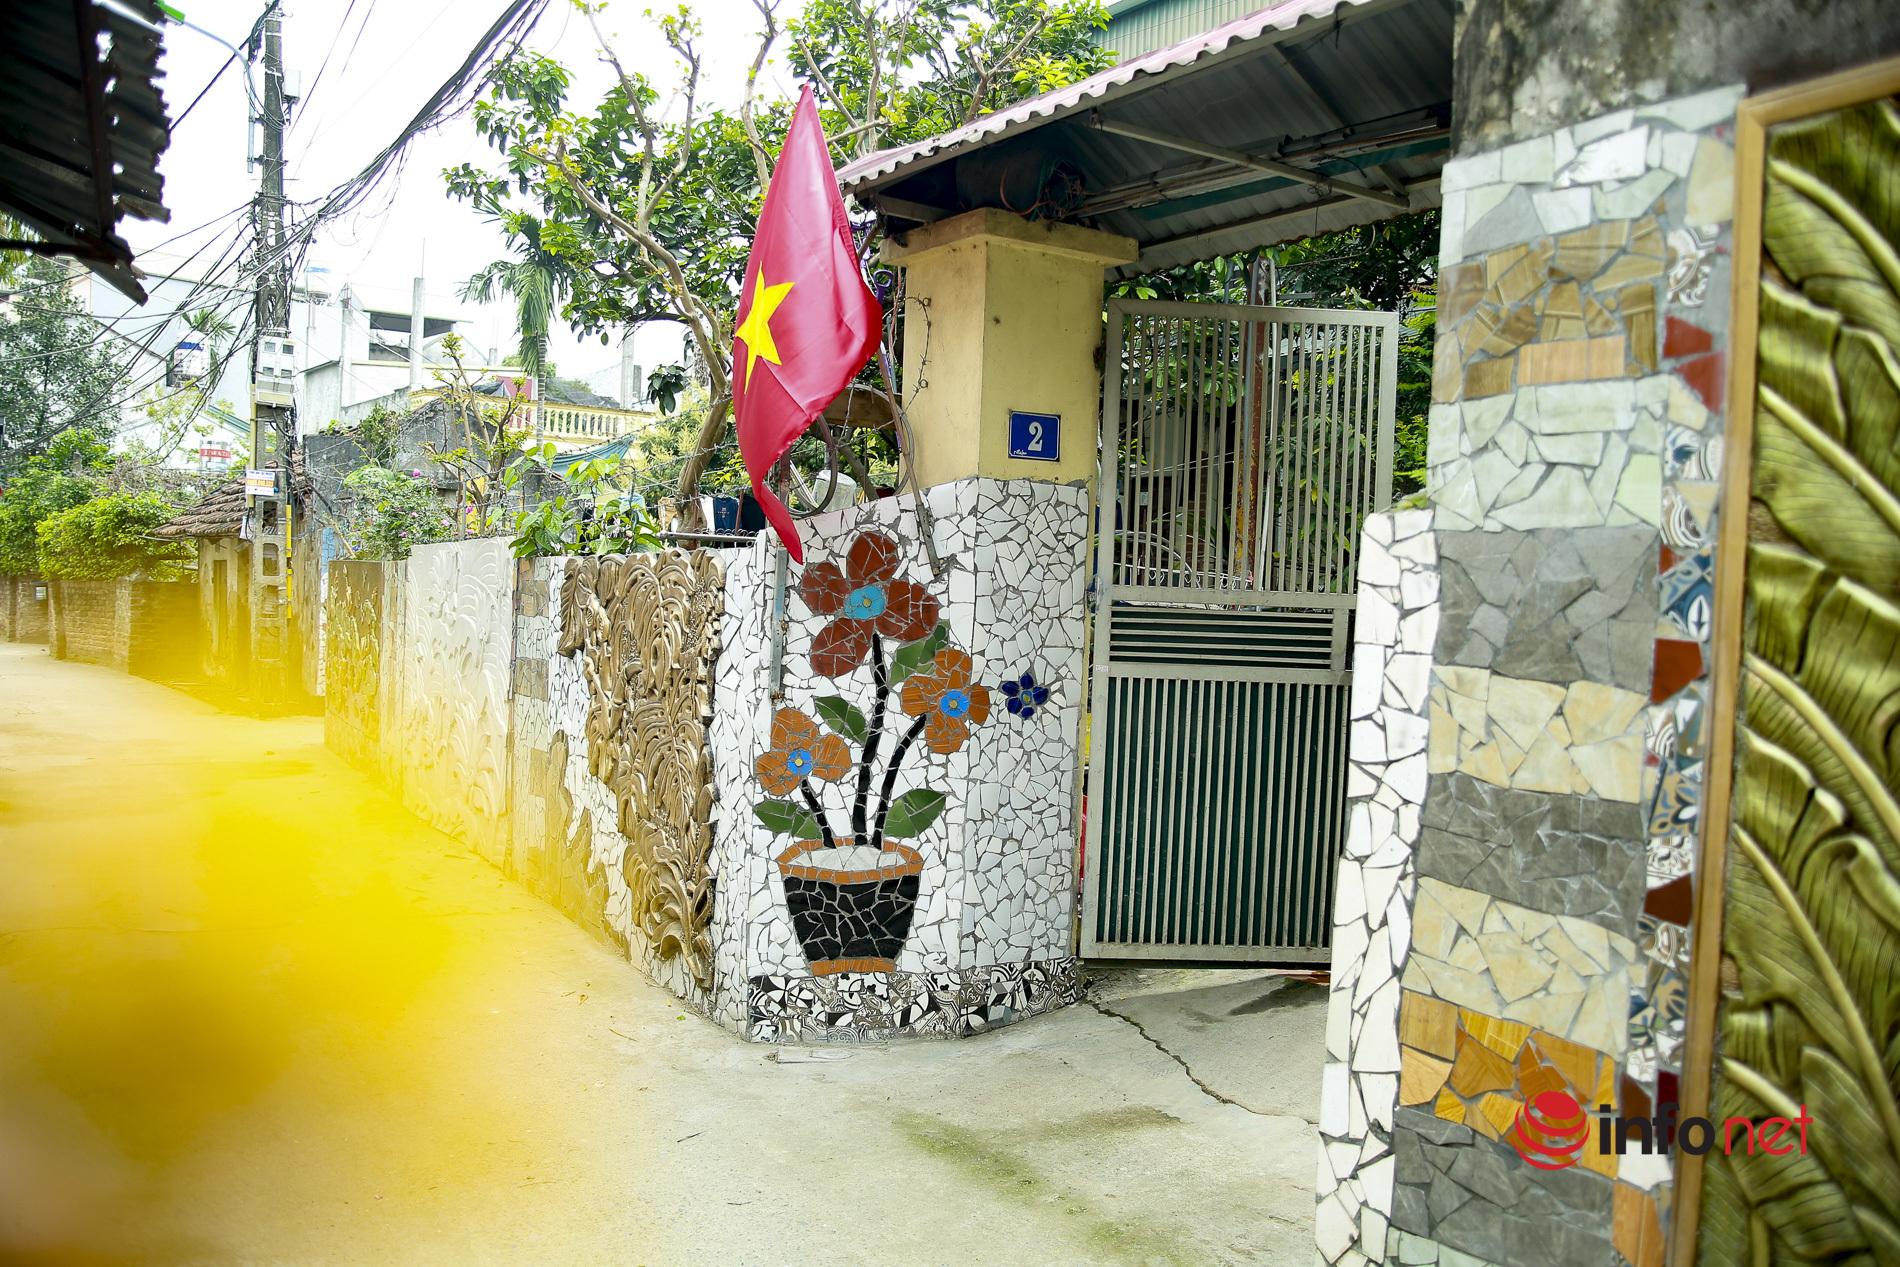 con đường gốm sứ,phế liệu,bảo vệ môi trường,môi trường,làng Liên Mạc,Hà Nội